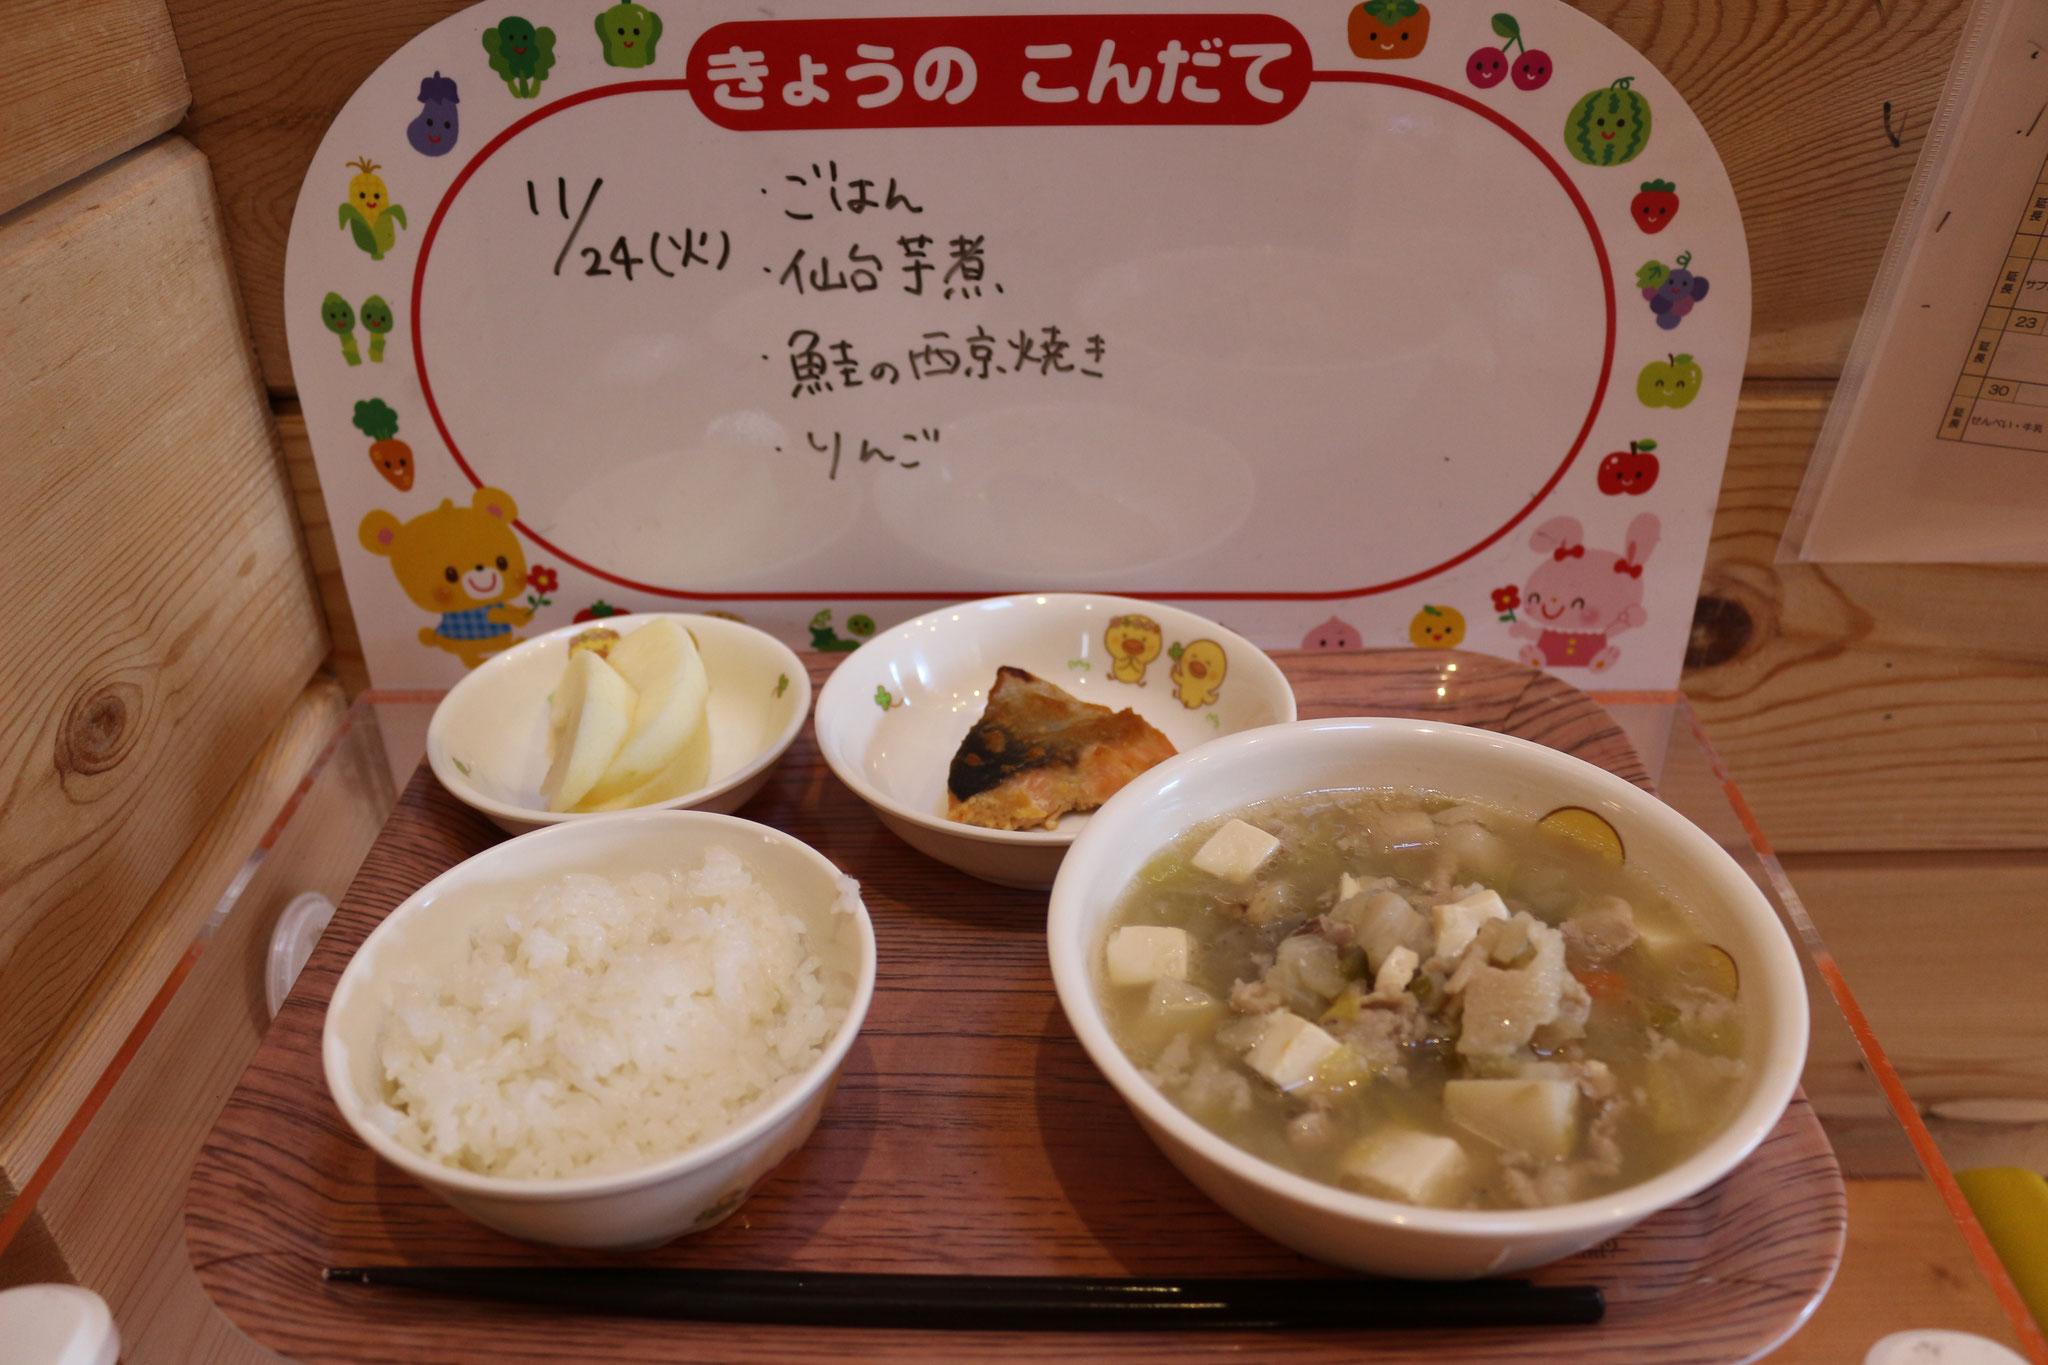 11月仙台芋煮 おなかいっぱい